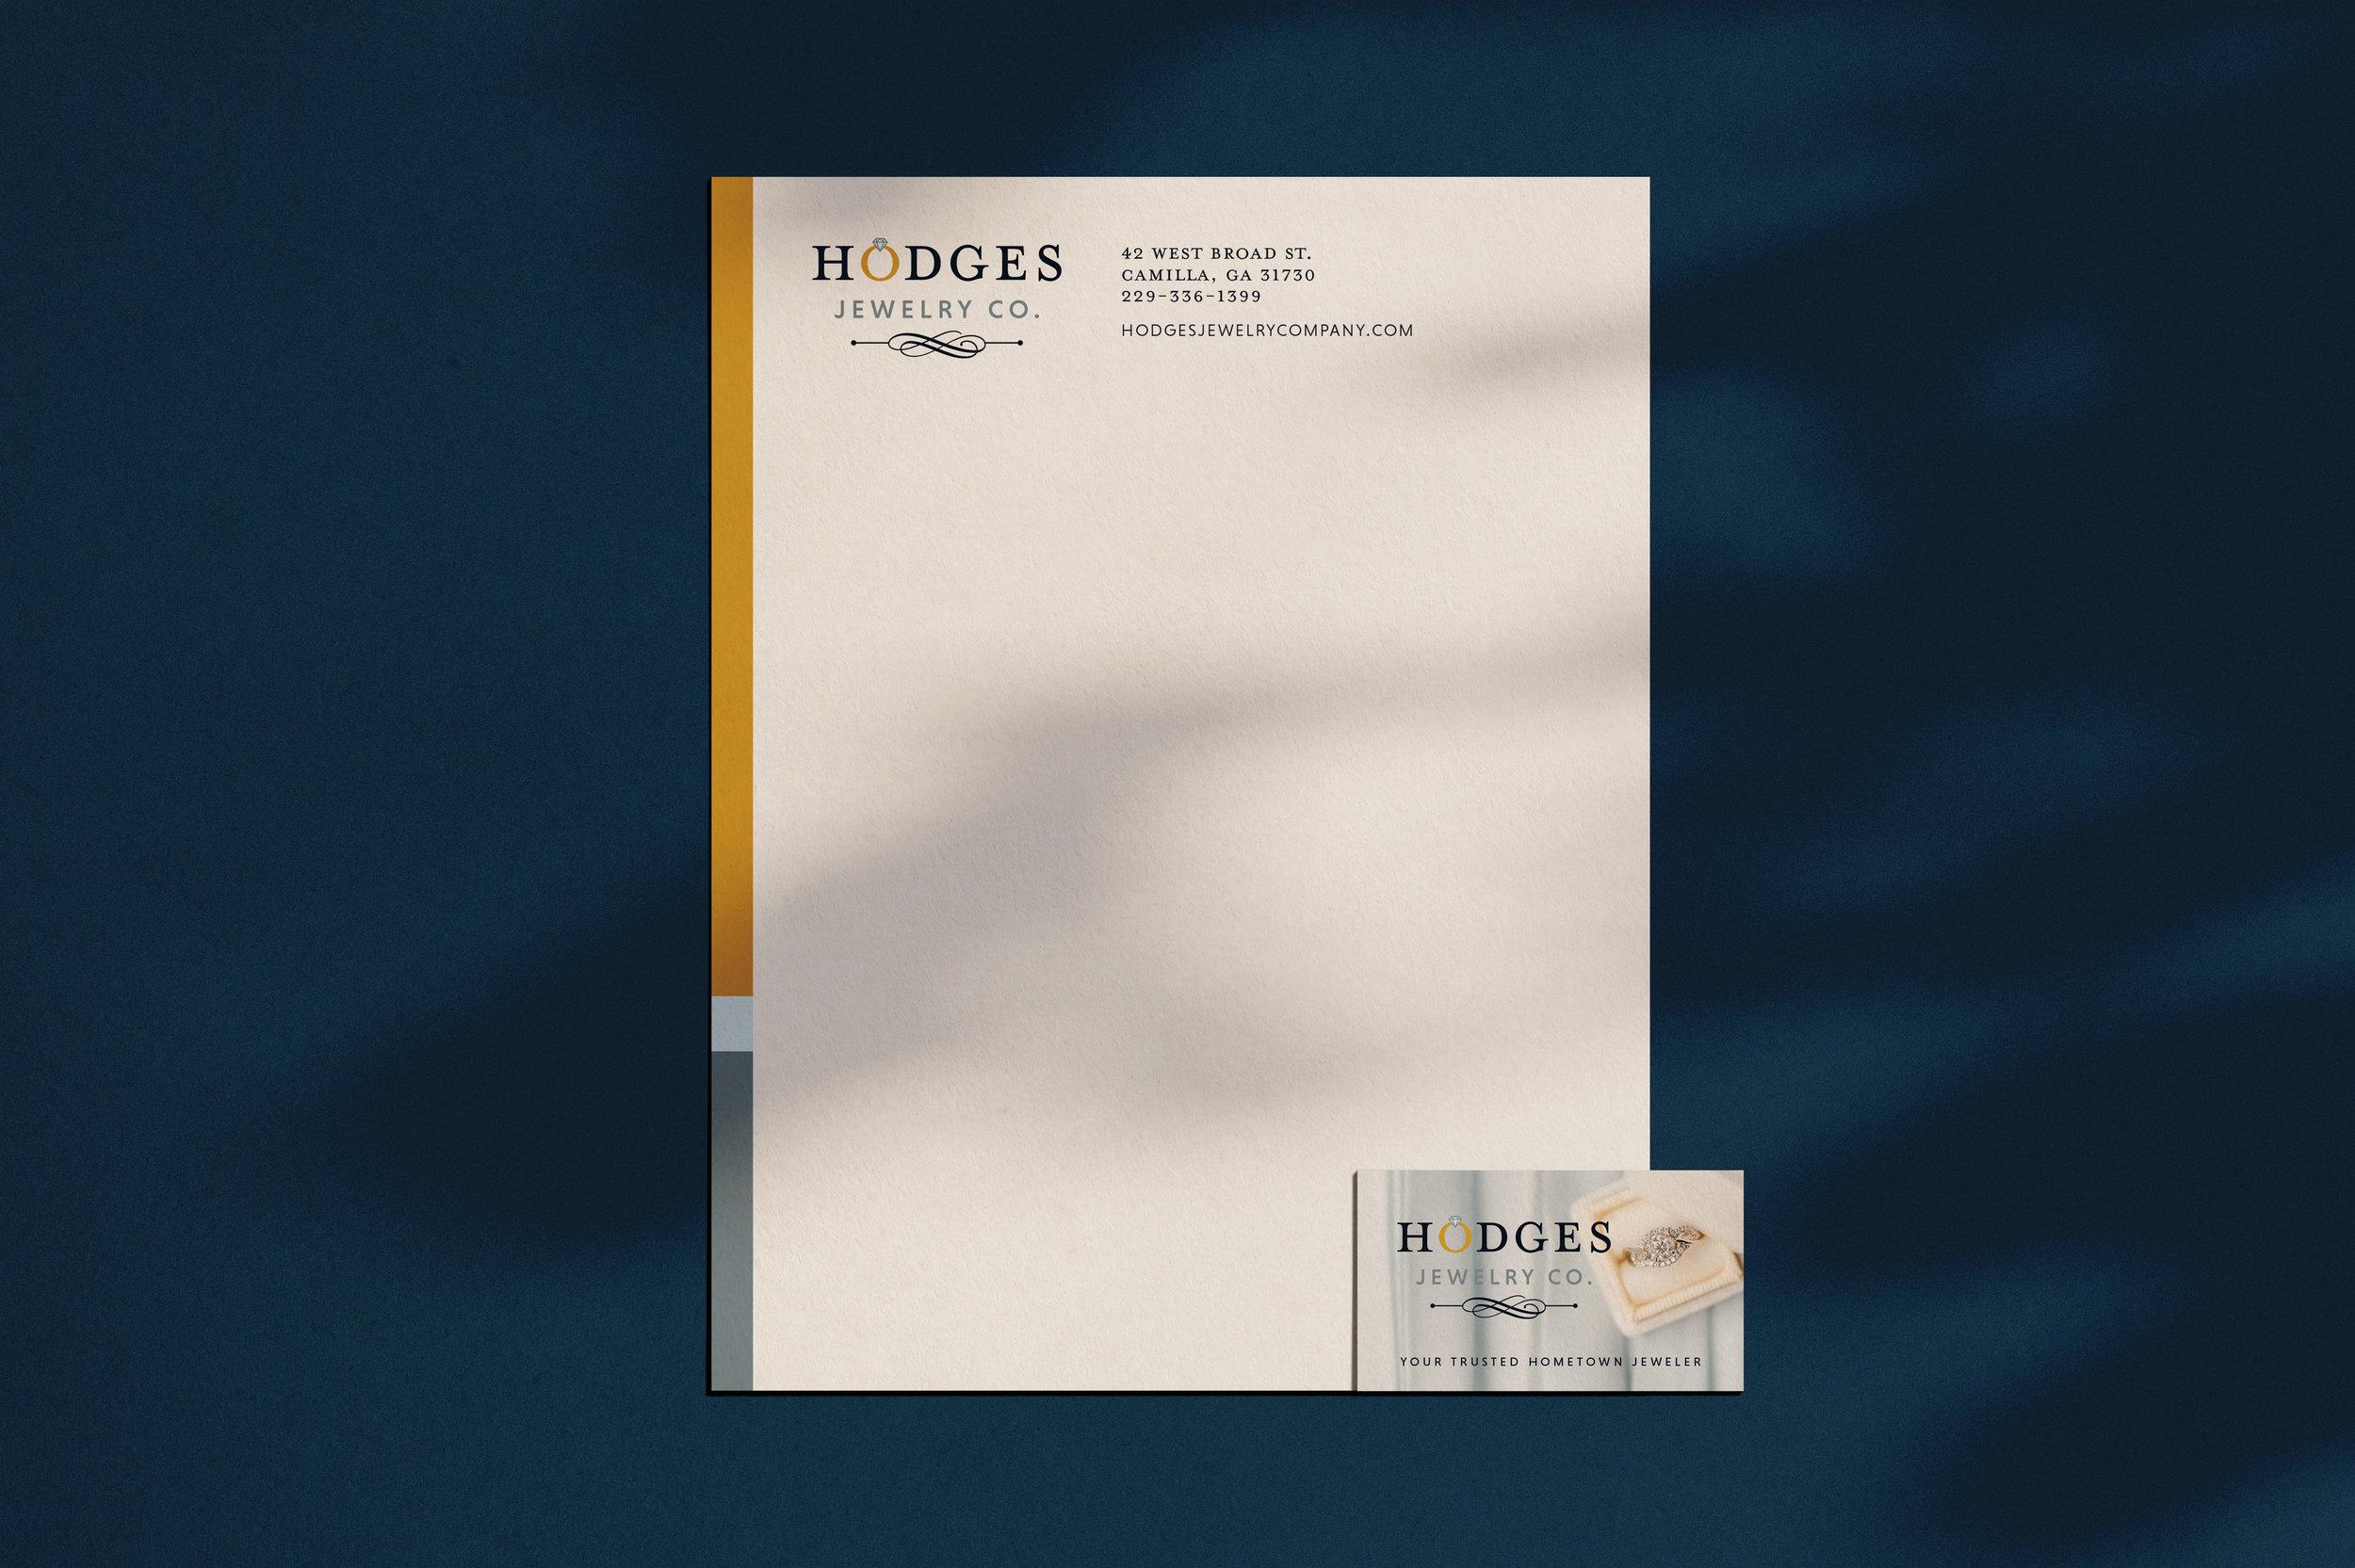 HodgesJewelry_Stationery.jpg